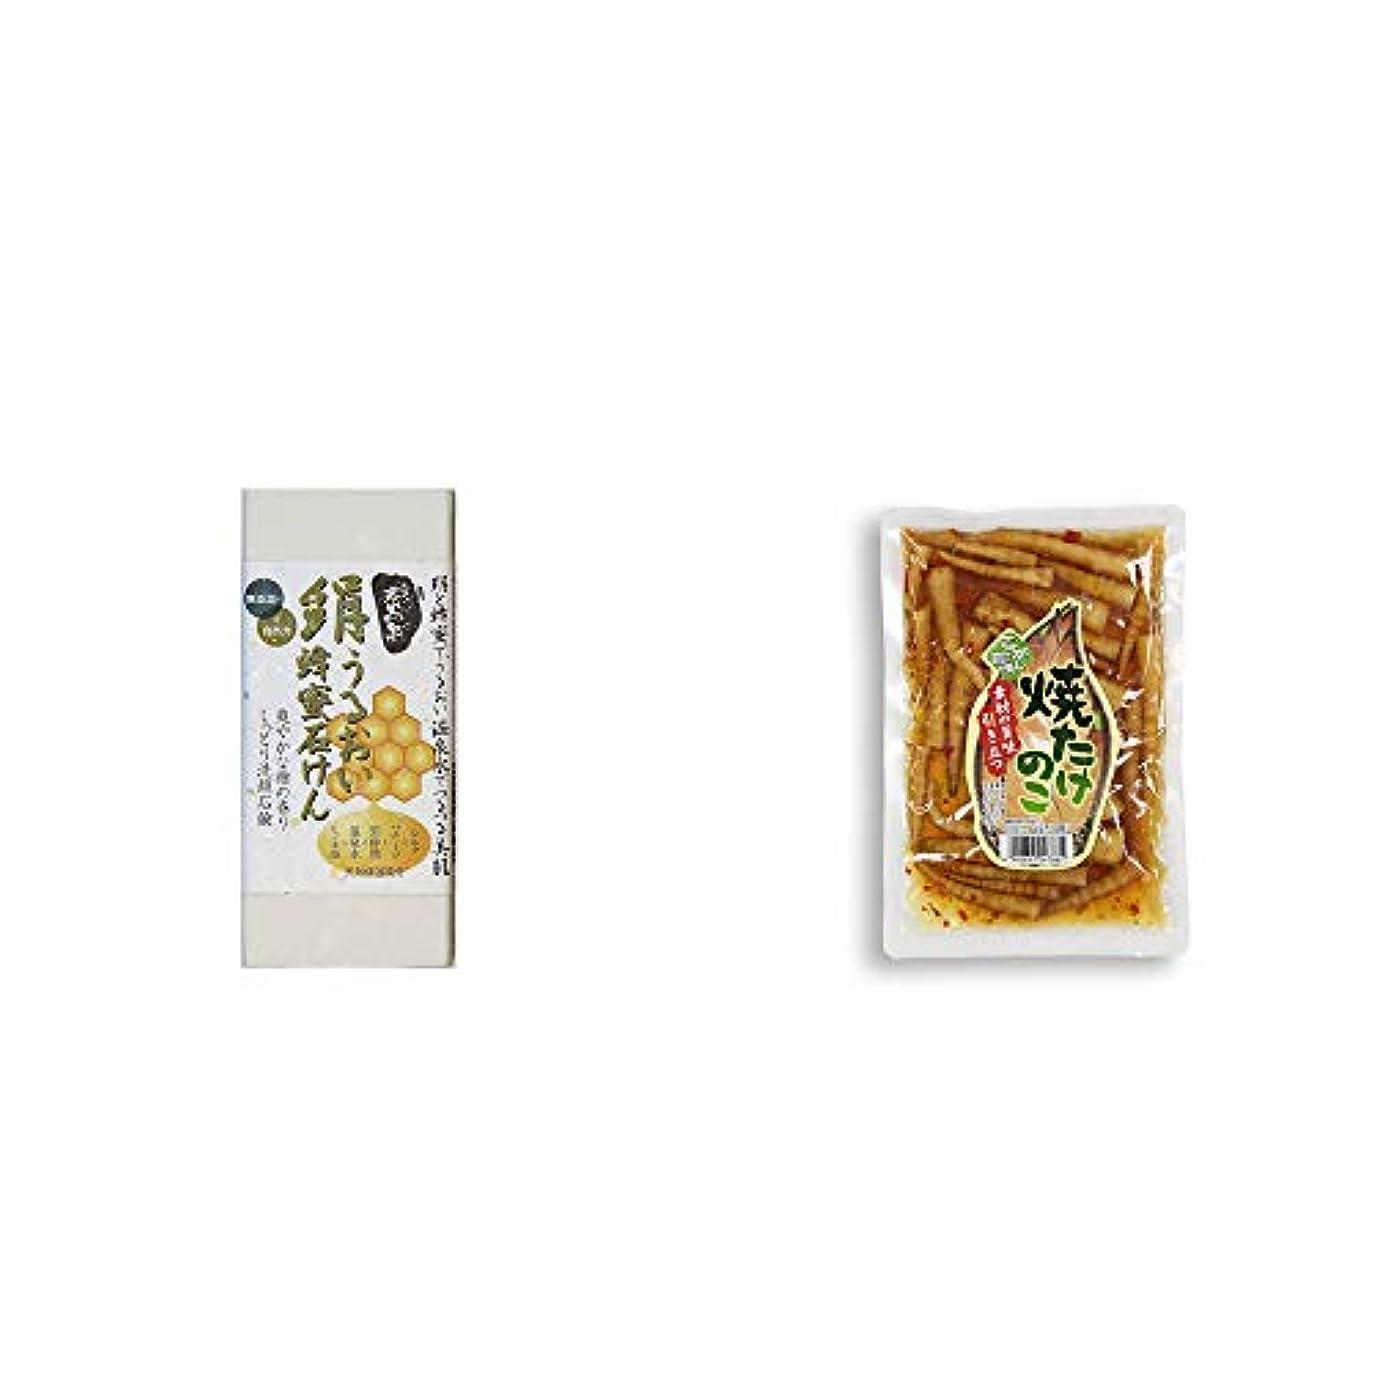 ペアあえて結論[2点セット] ひのき炭黒泉 絹うるおい蜂蜜石けん(75g×2)?焼たけのこ(300g)